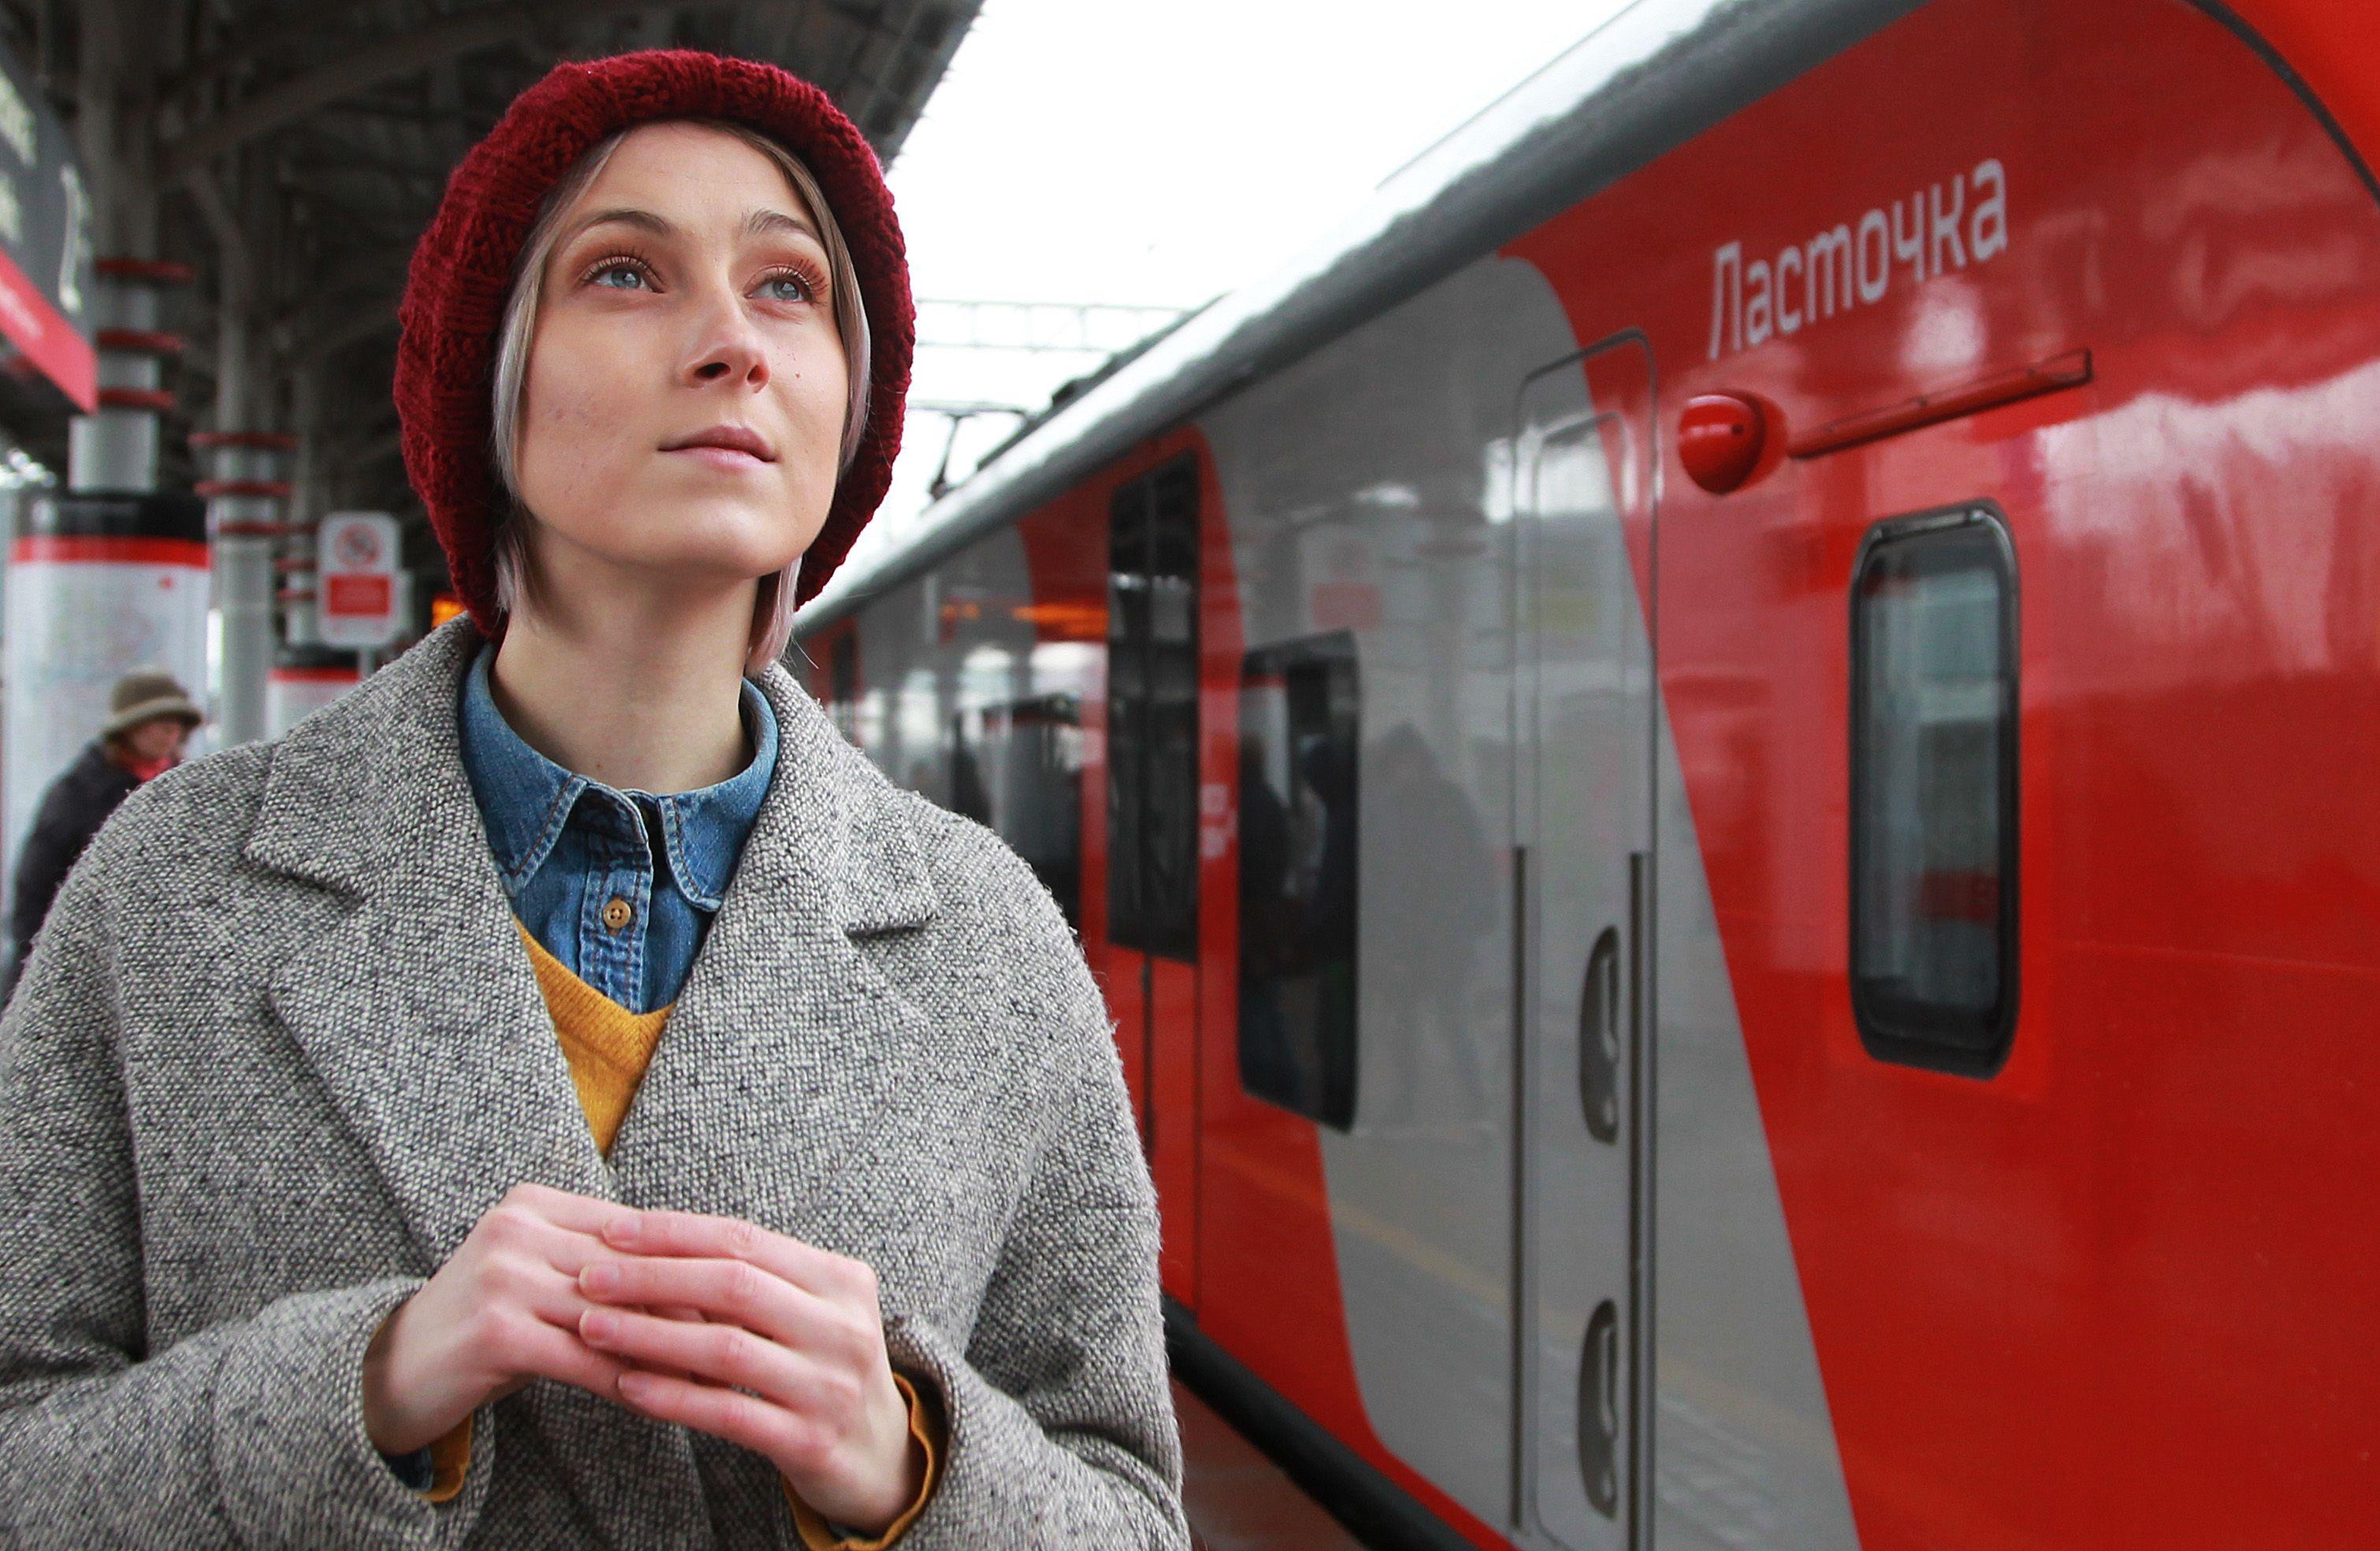 Пассажиры смогут выбрать время поездки. Фото: Наталия Нечаева